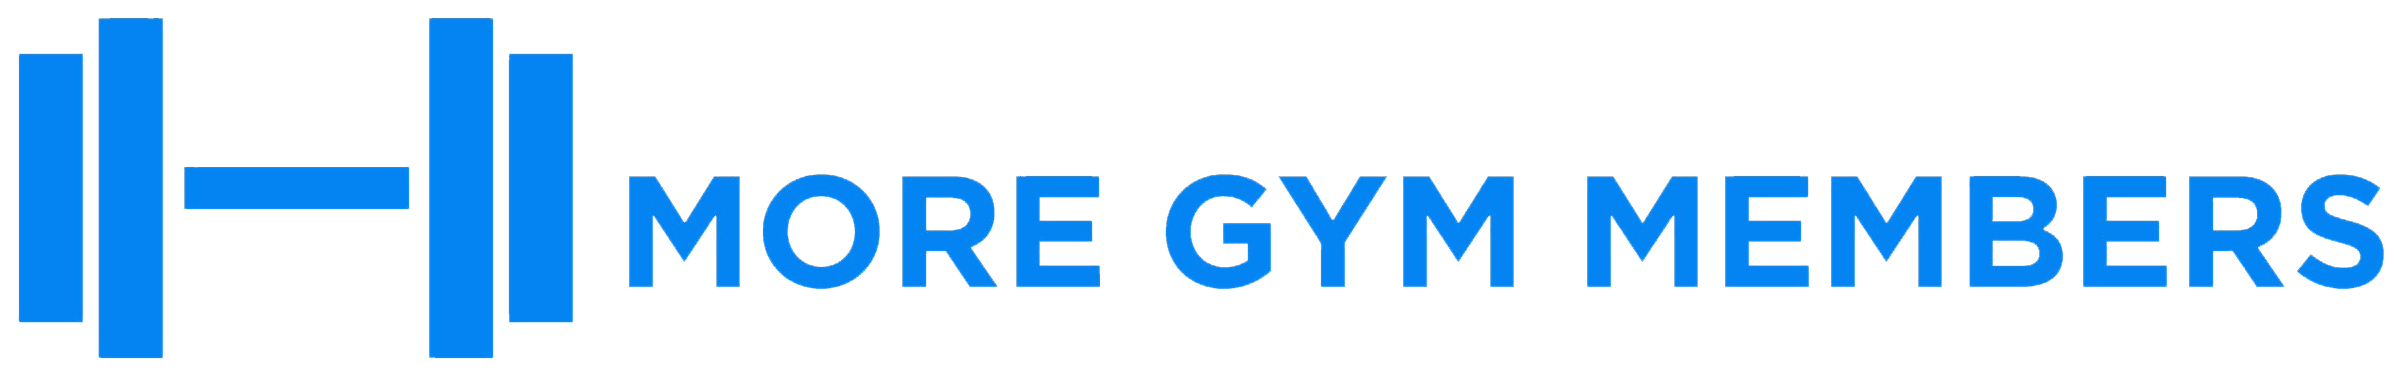 More Gym Members